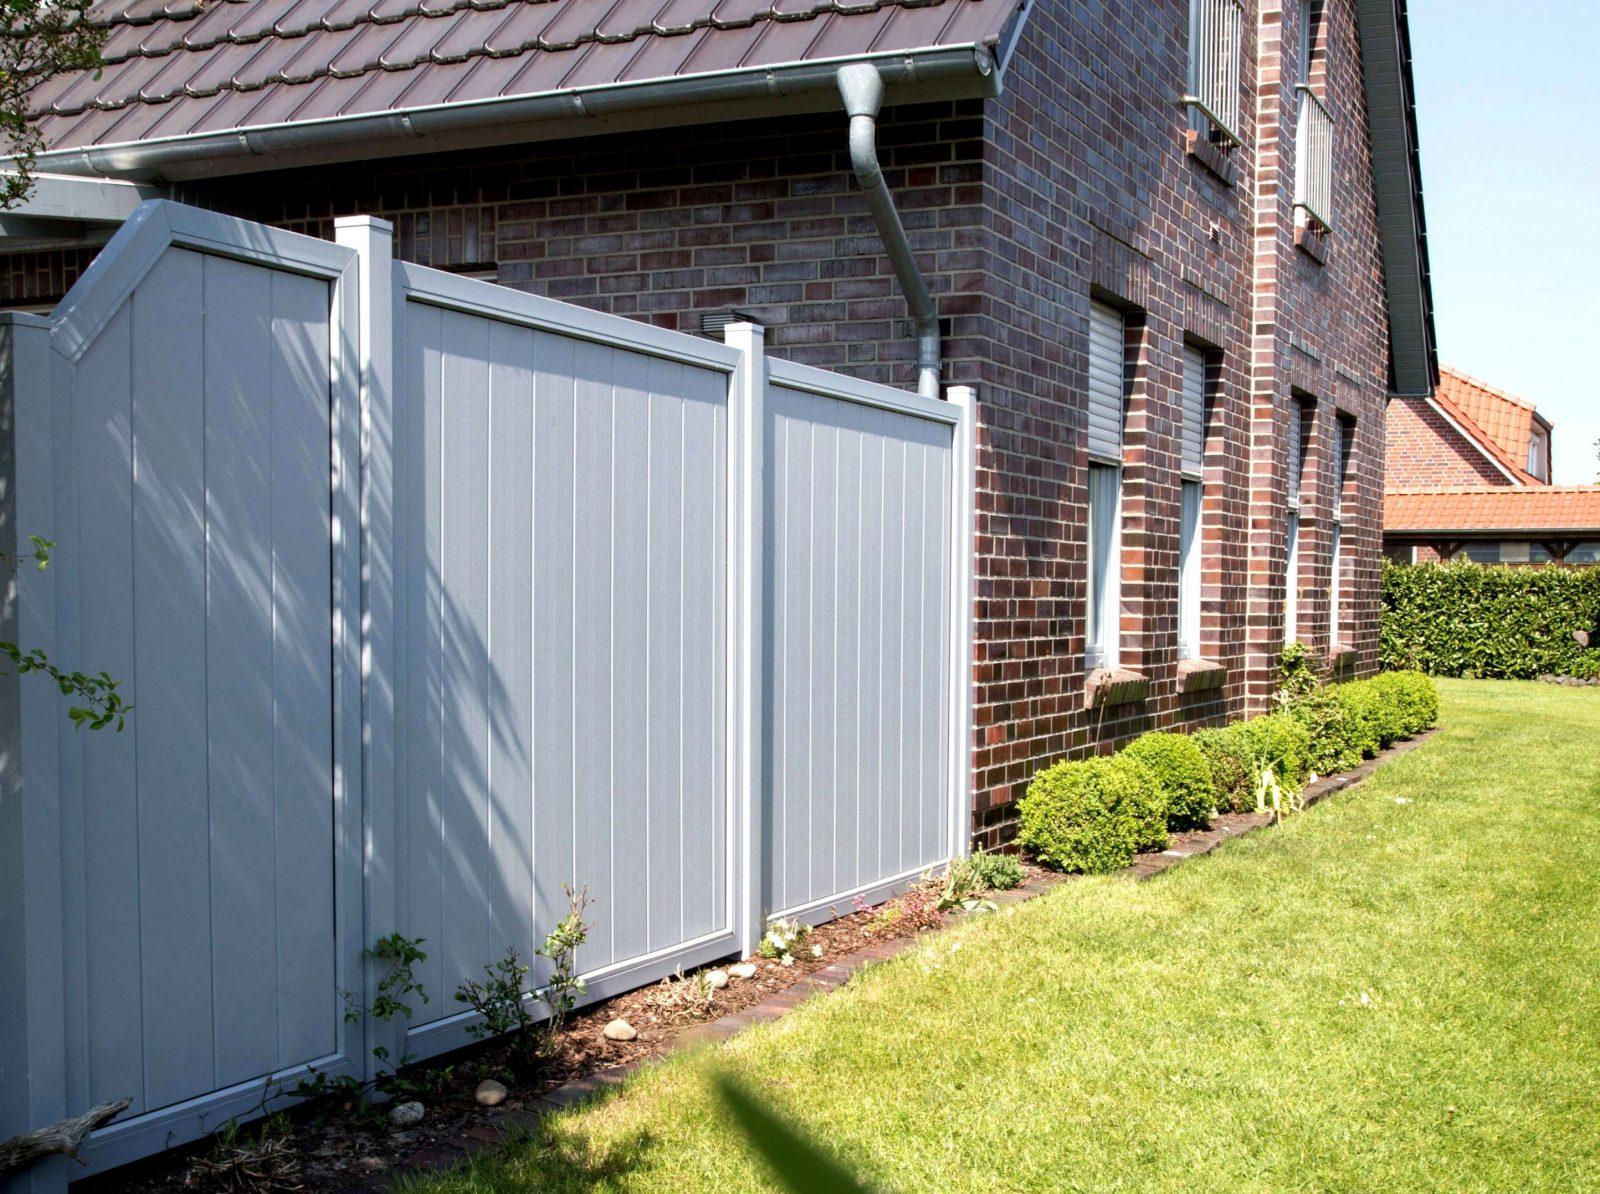 Sichtschutzmatte Holz 64 And Trennwand Holz Garten Neu Sichtschutz von Sichtschutz Mit Blumenkasten Selber Bauen Bild